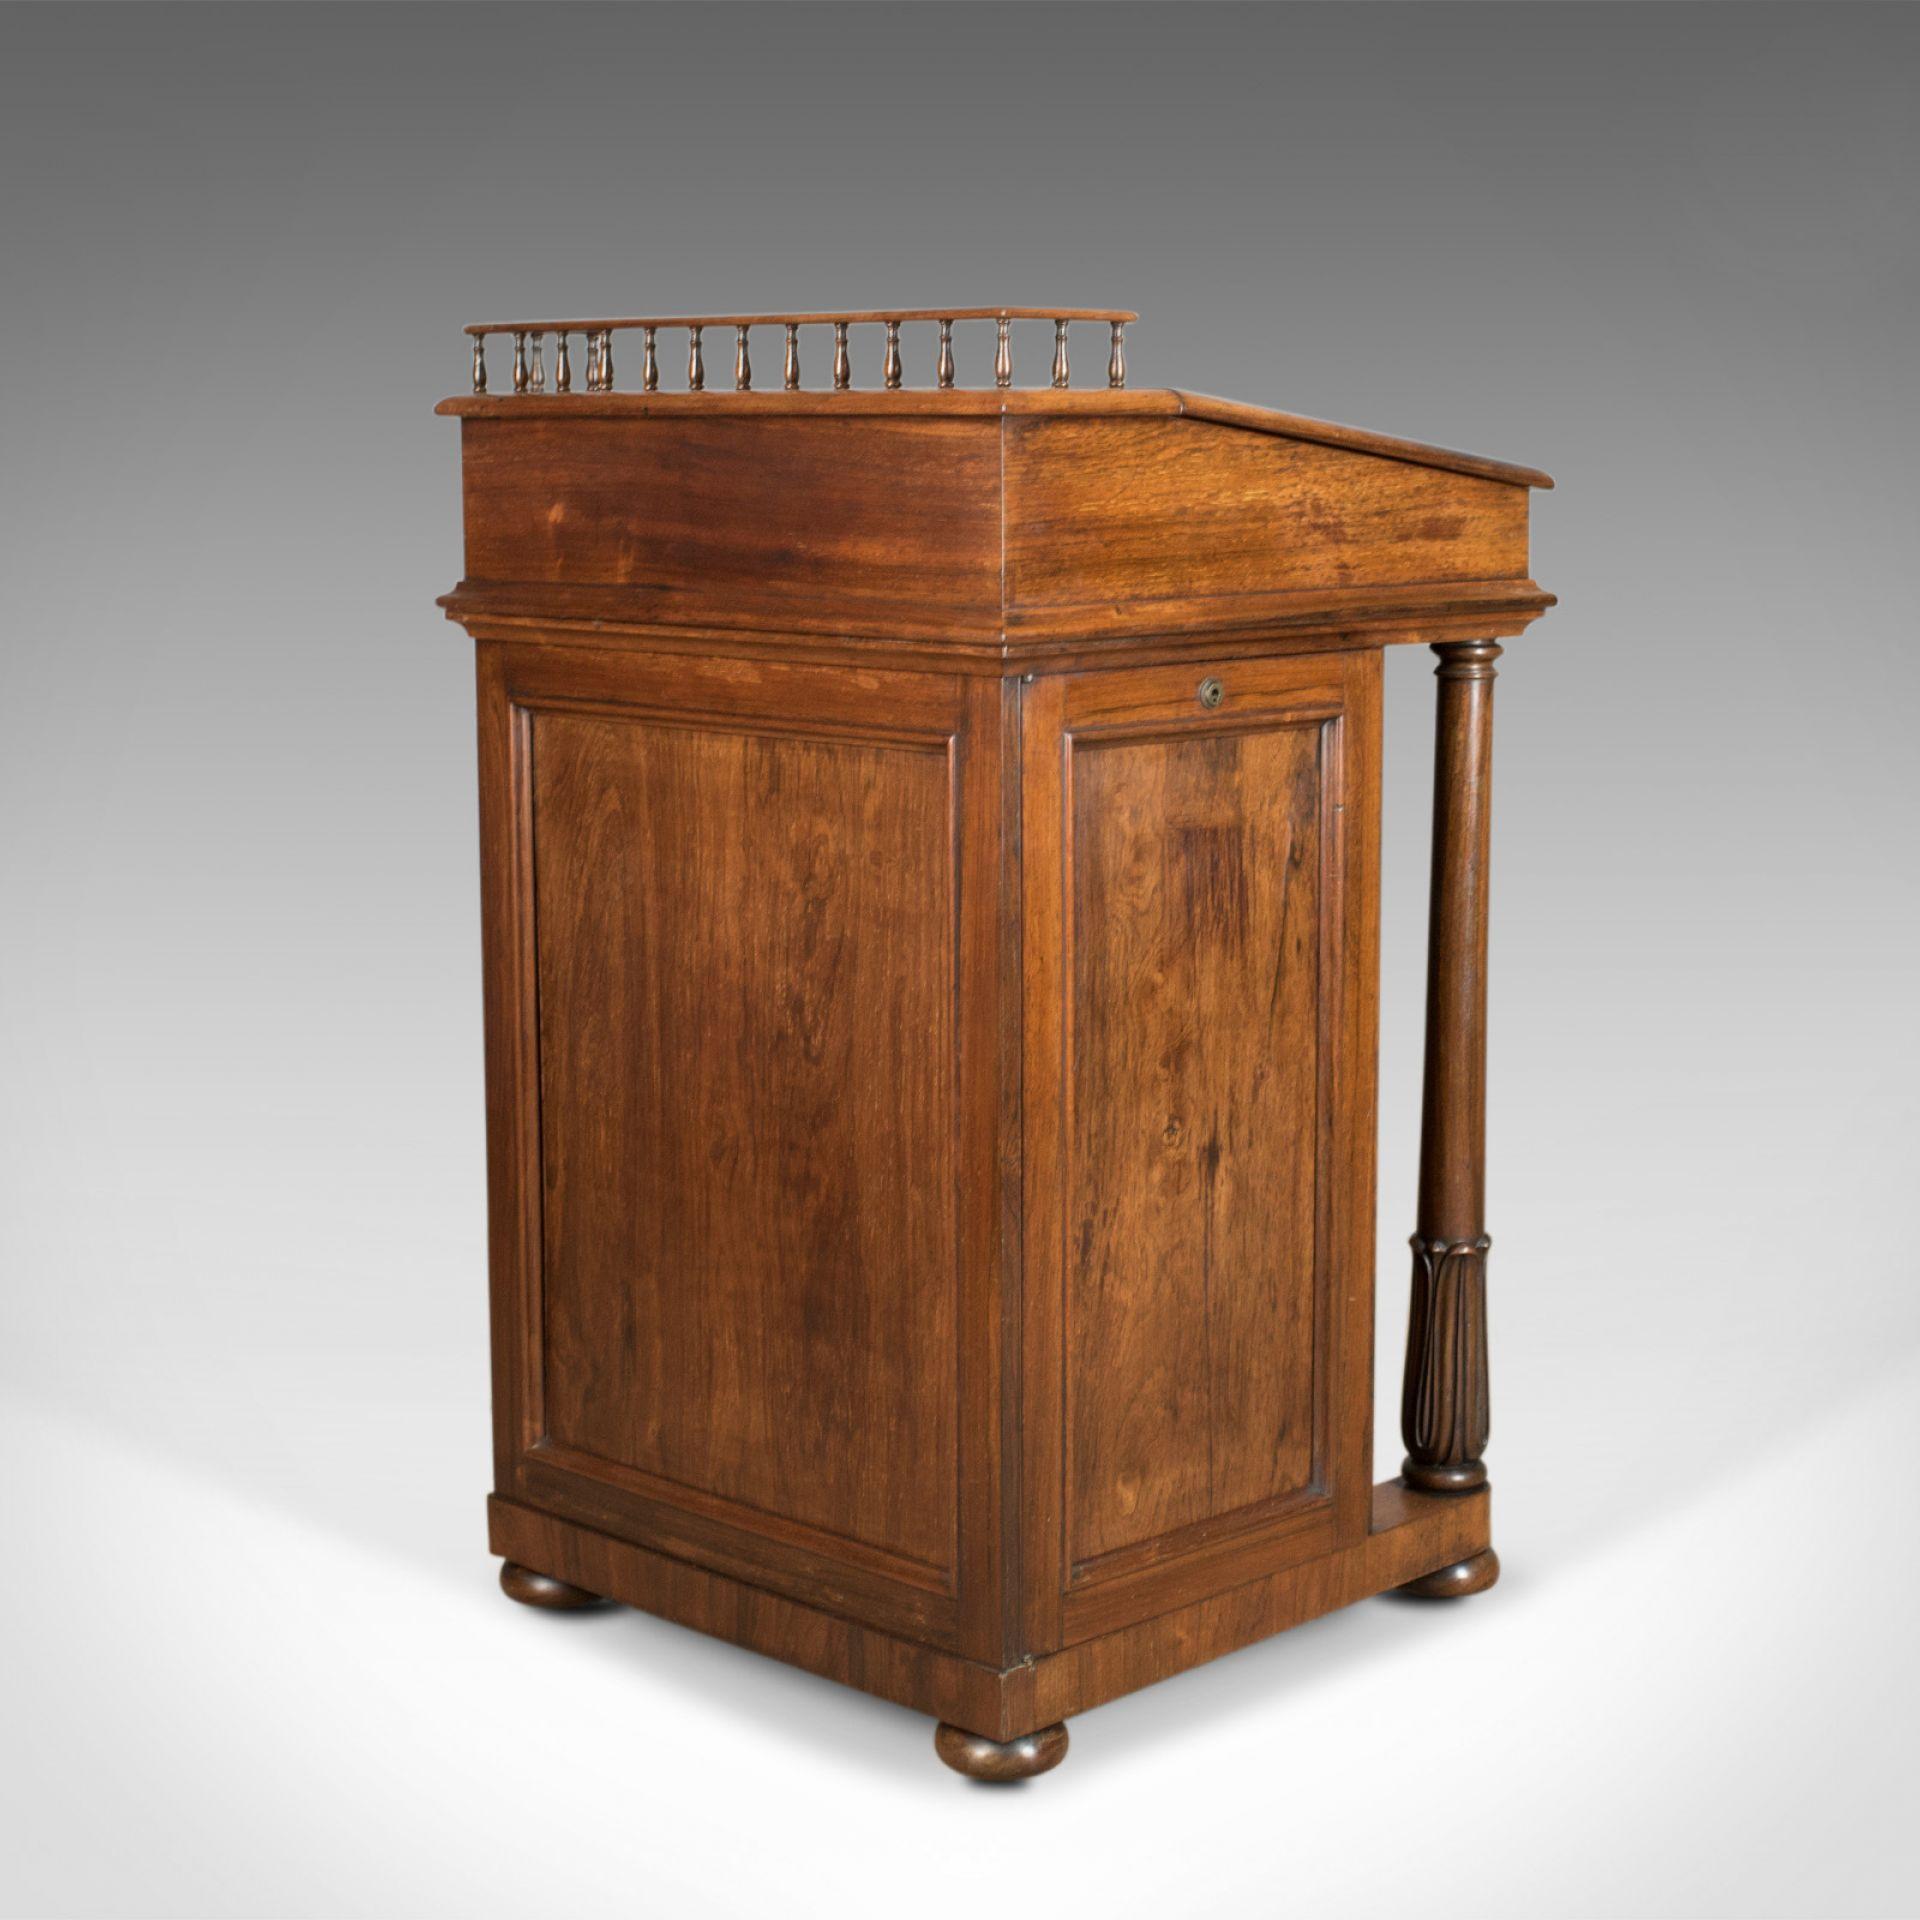 Antique Davenport, Burrey & White, Rosewood, Desk, William IV, Circa 1835